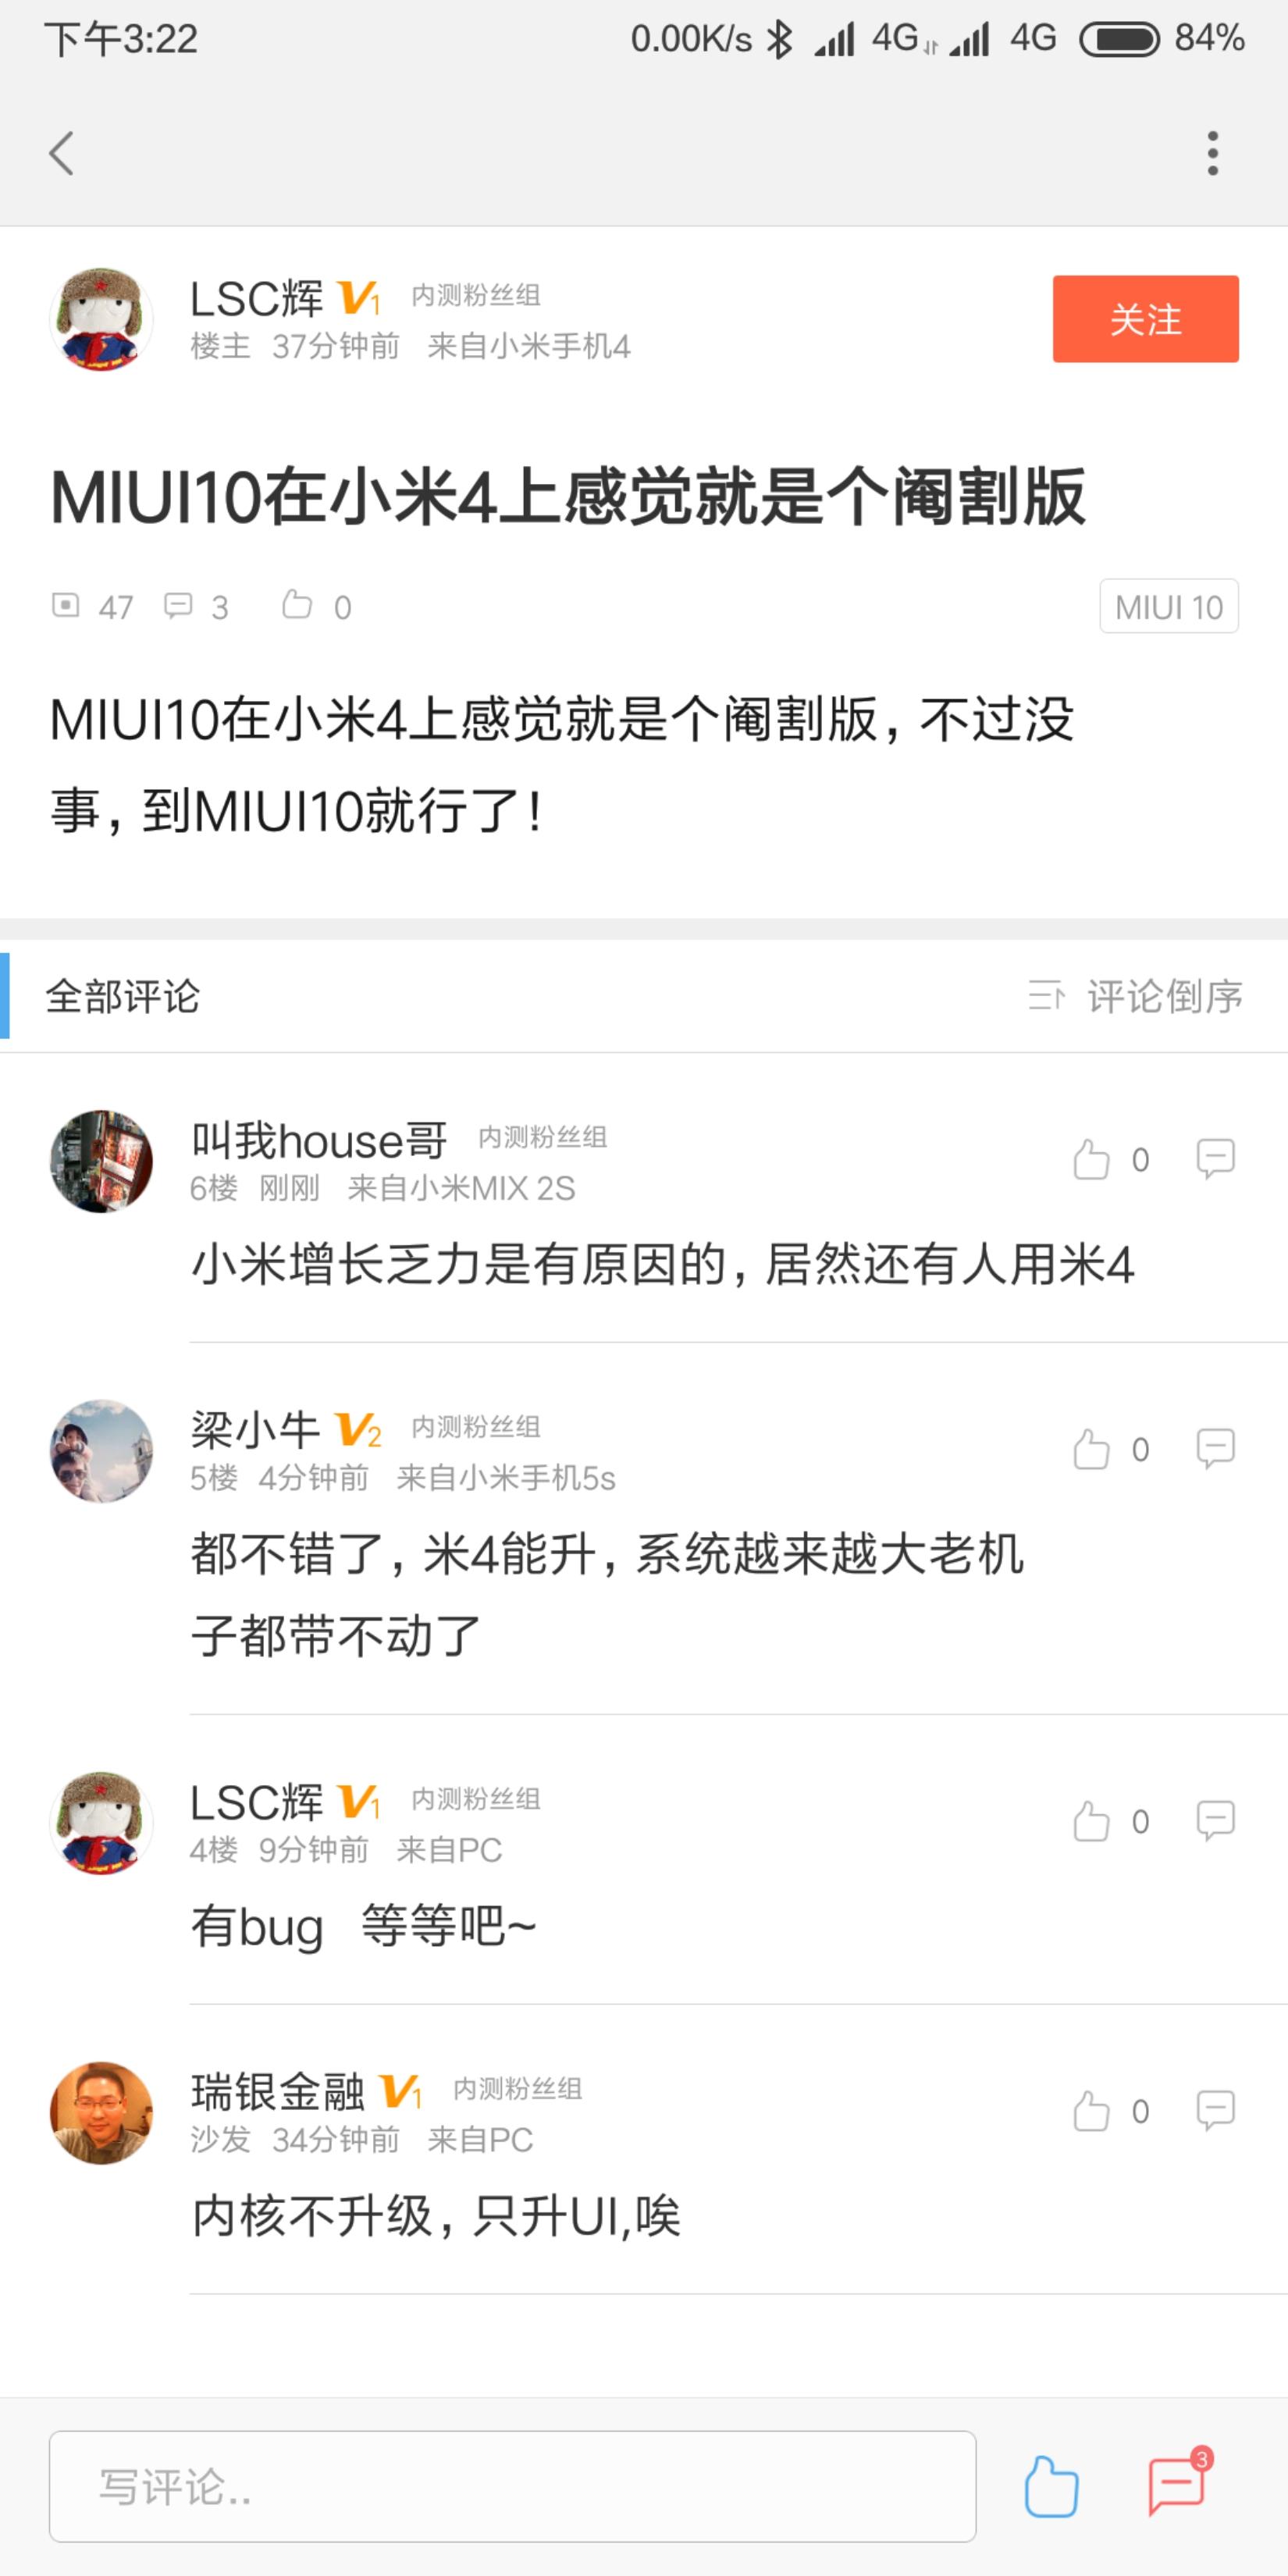 Screenshot_2018-07-12-15-22-43-065_com.miui.miuibbs.png